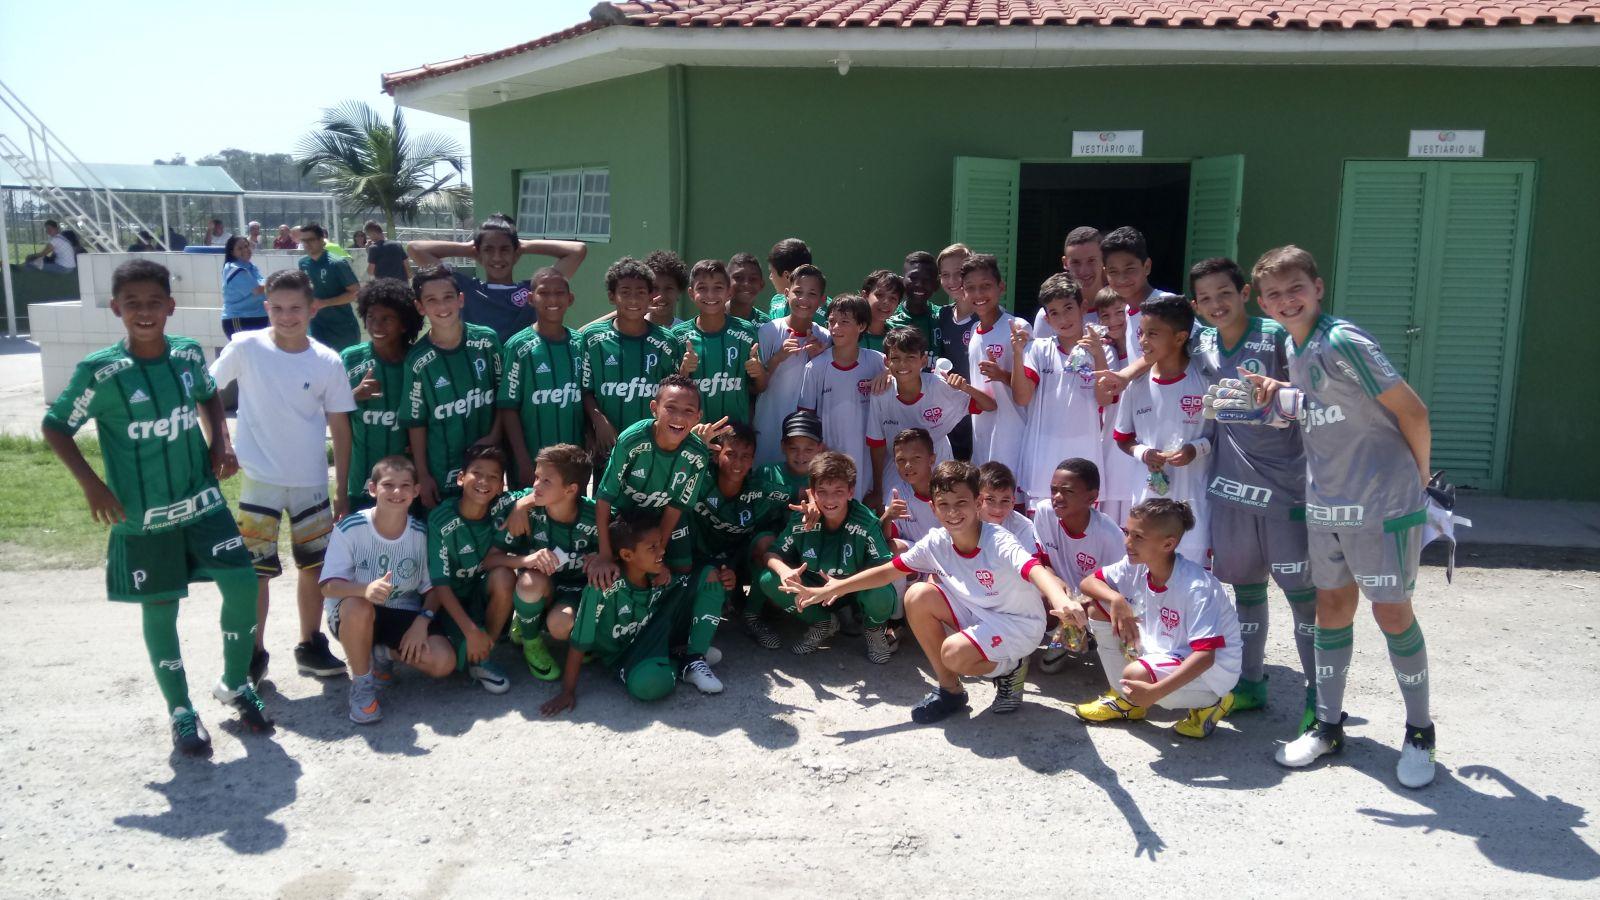 Divulgação_Equipe Sub-11 do Palmeiras reunida na Academia de Futebol II, em Guarulhos